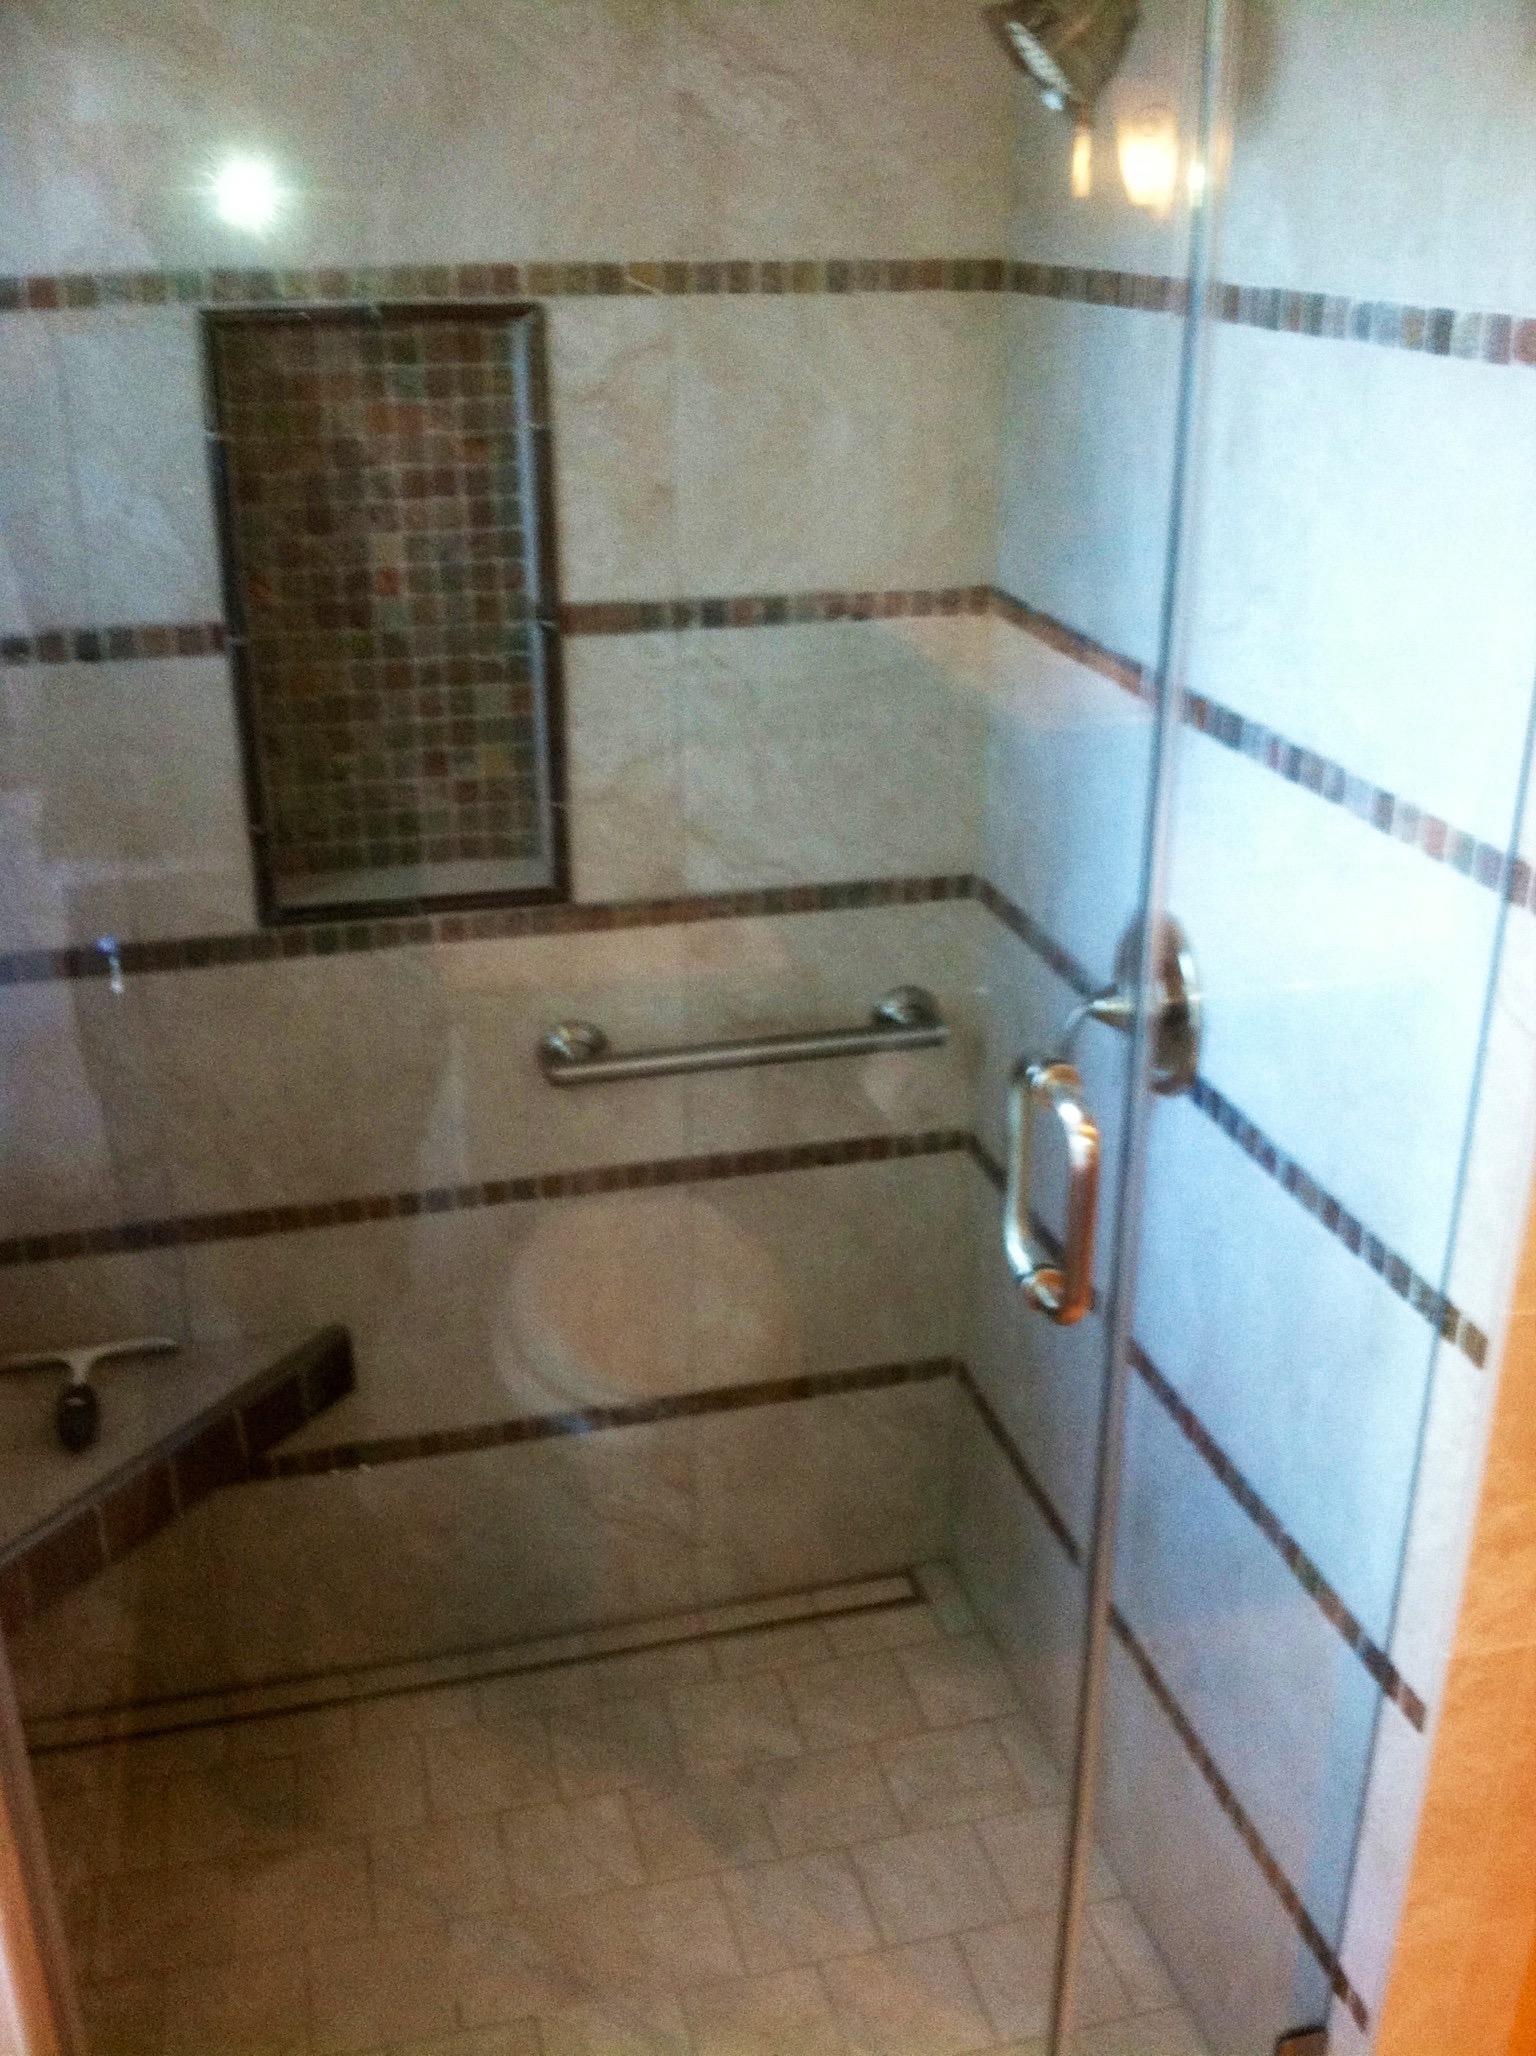 Bathrooms Rsg 4 Homes